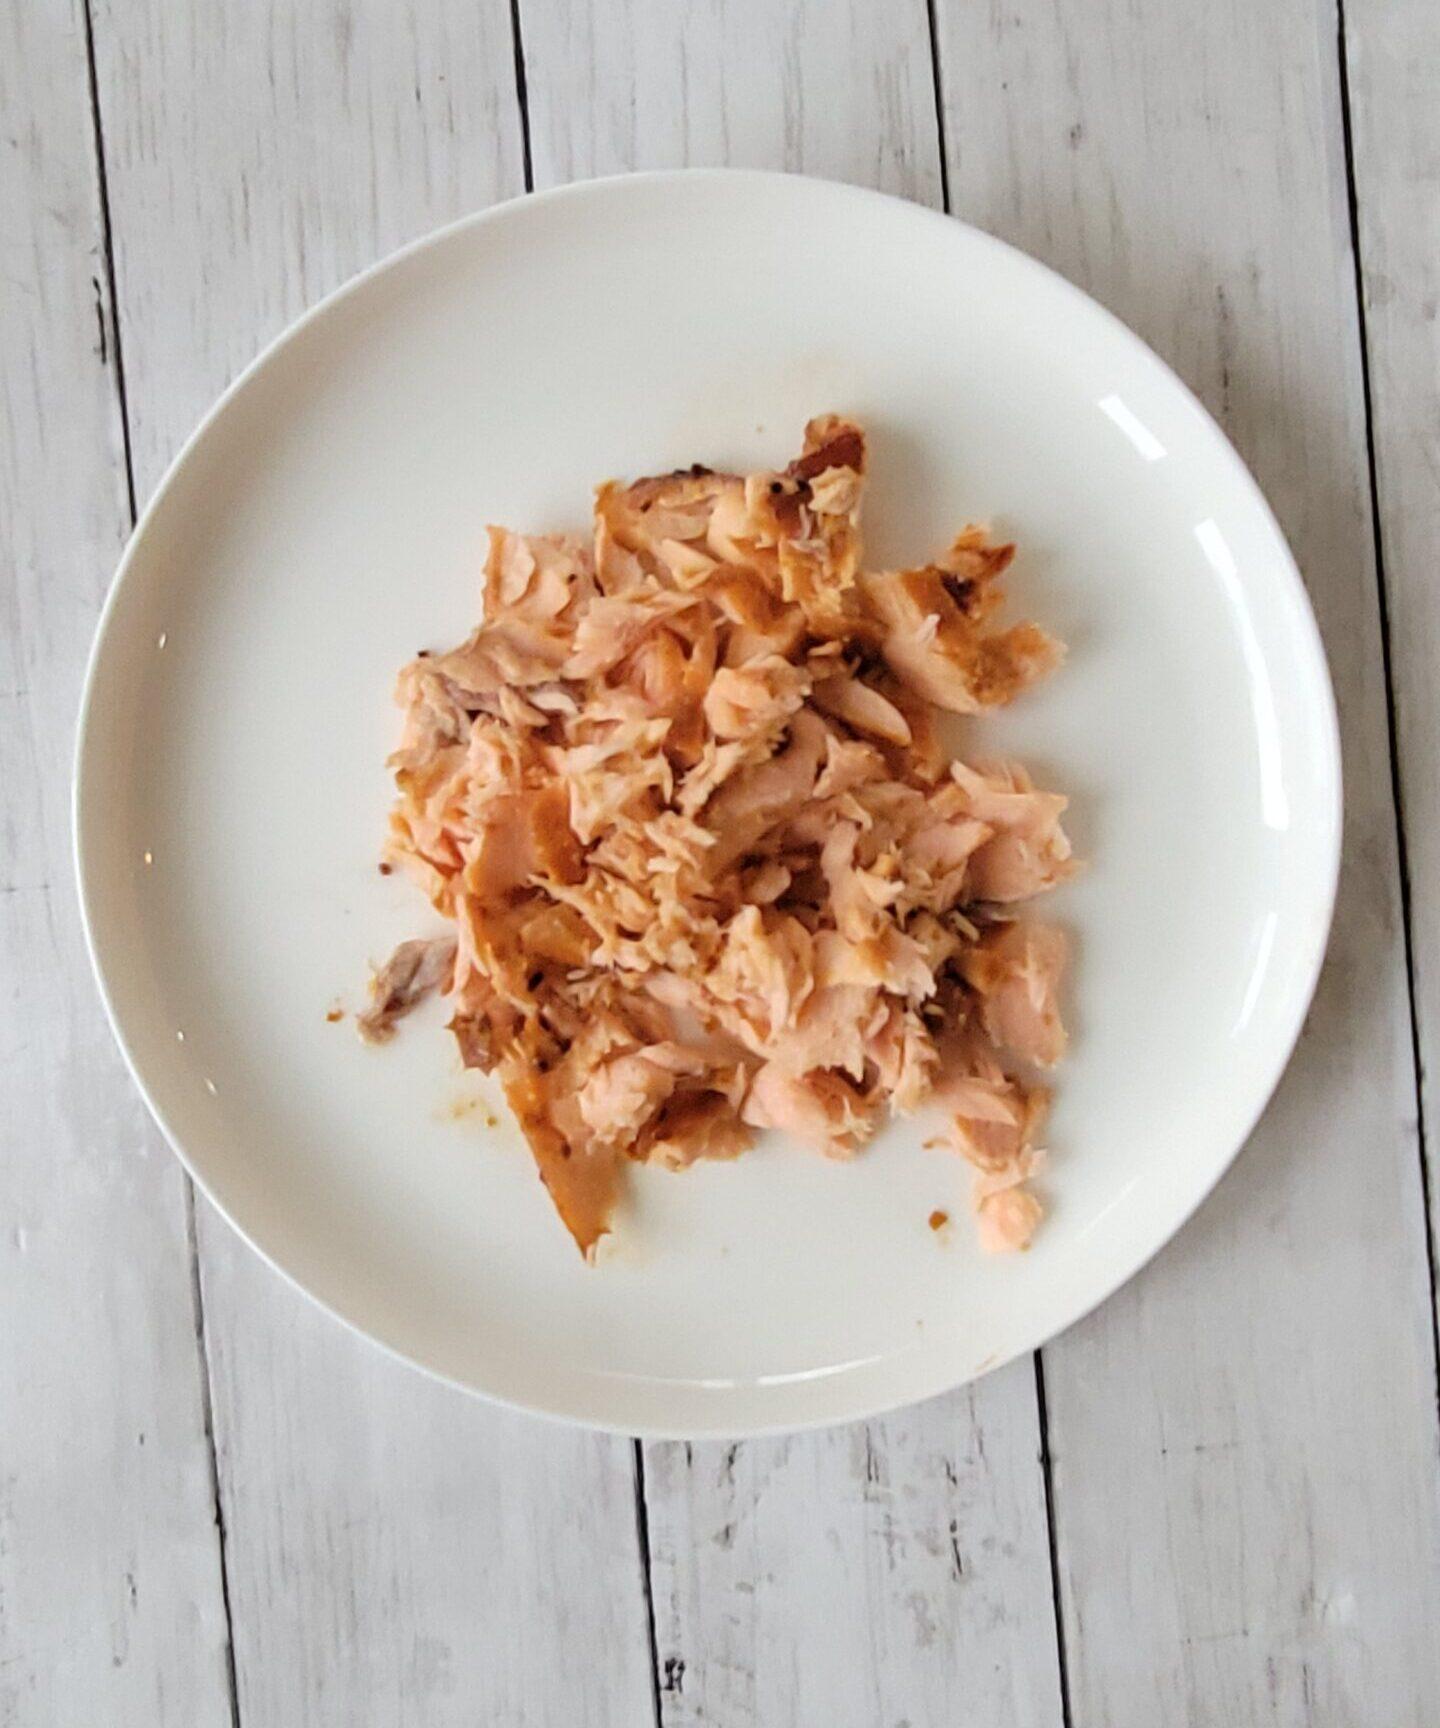 Shredded Teriyaki Salmon